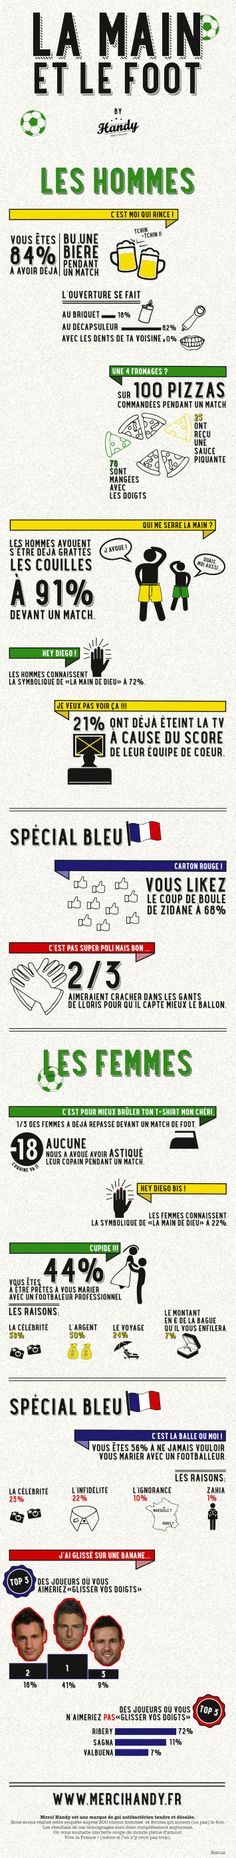 Découvrez l' #infographie by Handy sur le #foot, les français… et leurs mains! (INFOGRAPHIE)